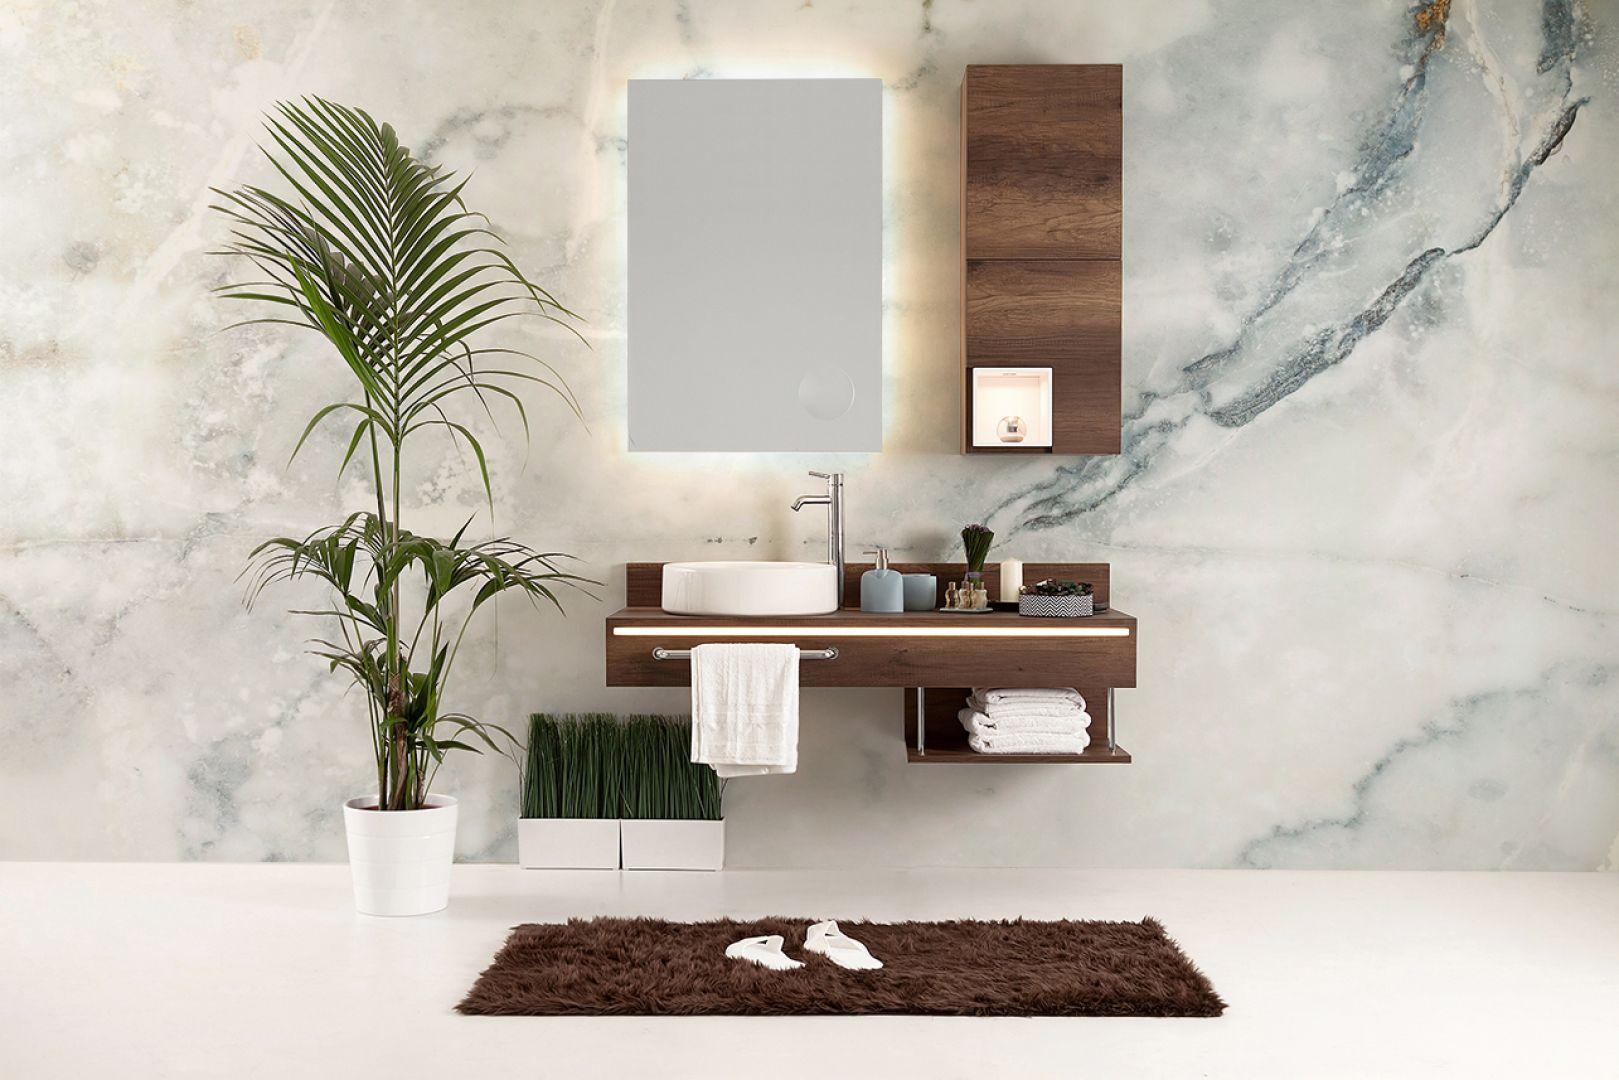 Wodoodporna fototapeta w łazience. Fot. Myloveview.pl